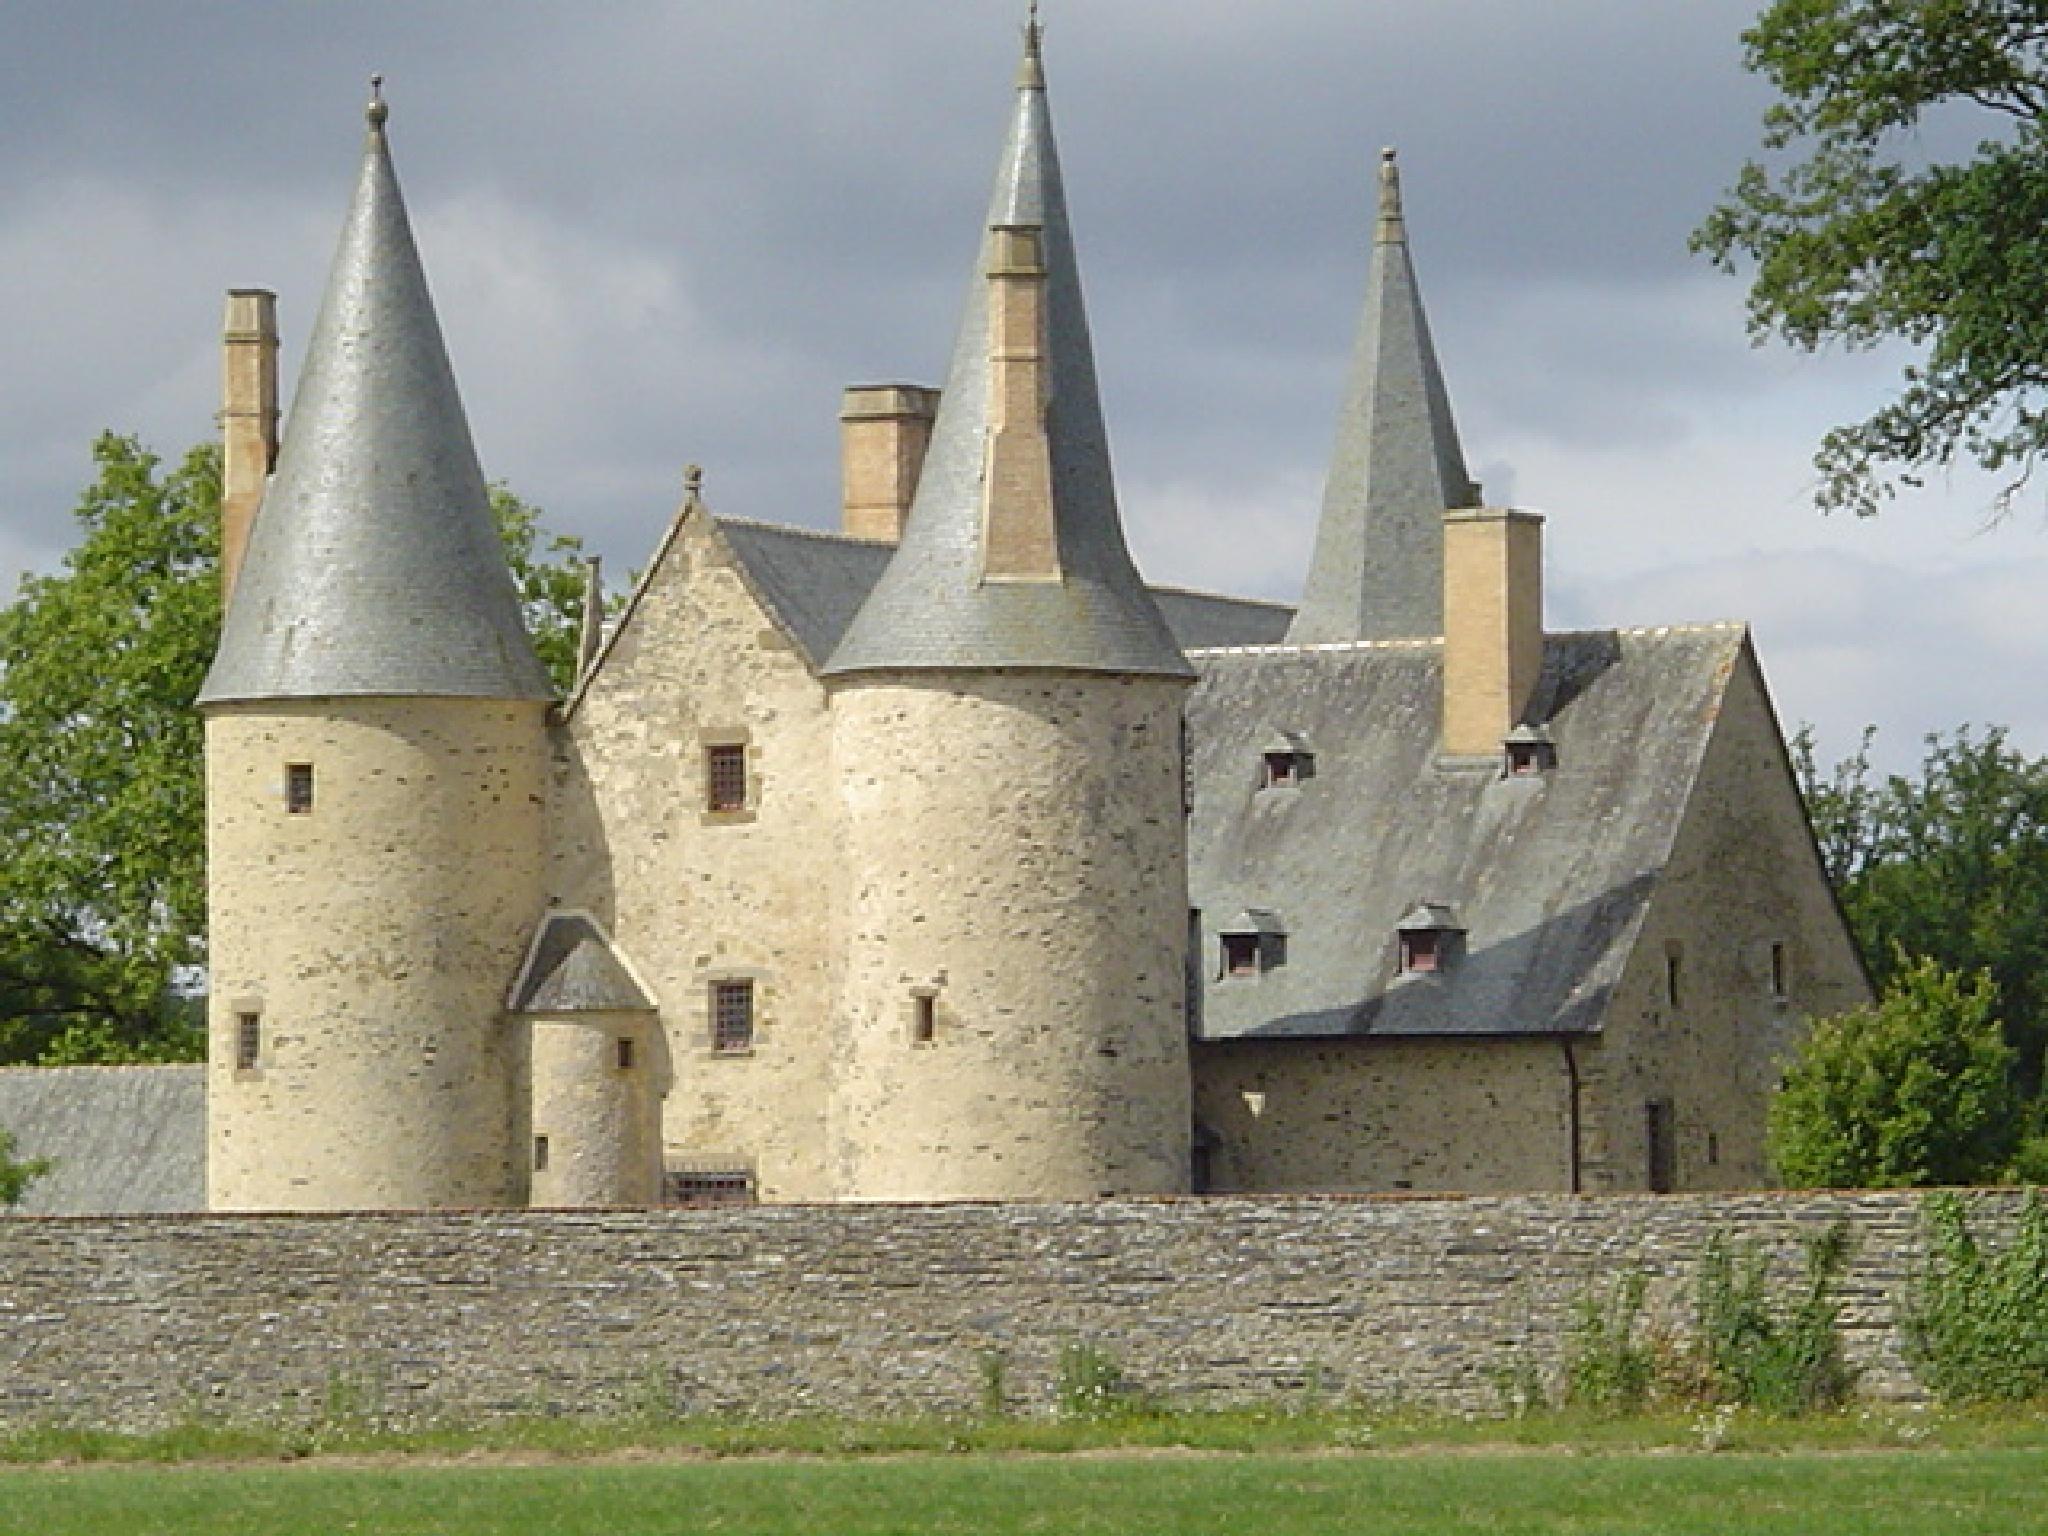 château  by abeille77